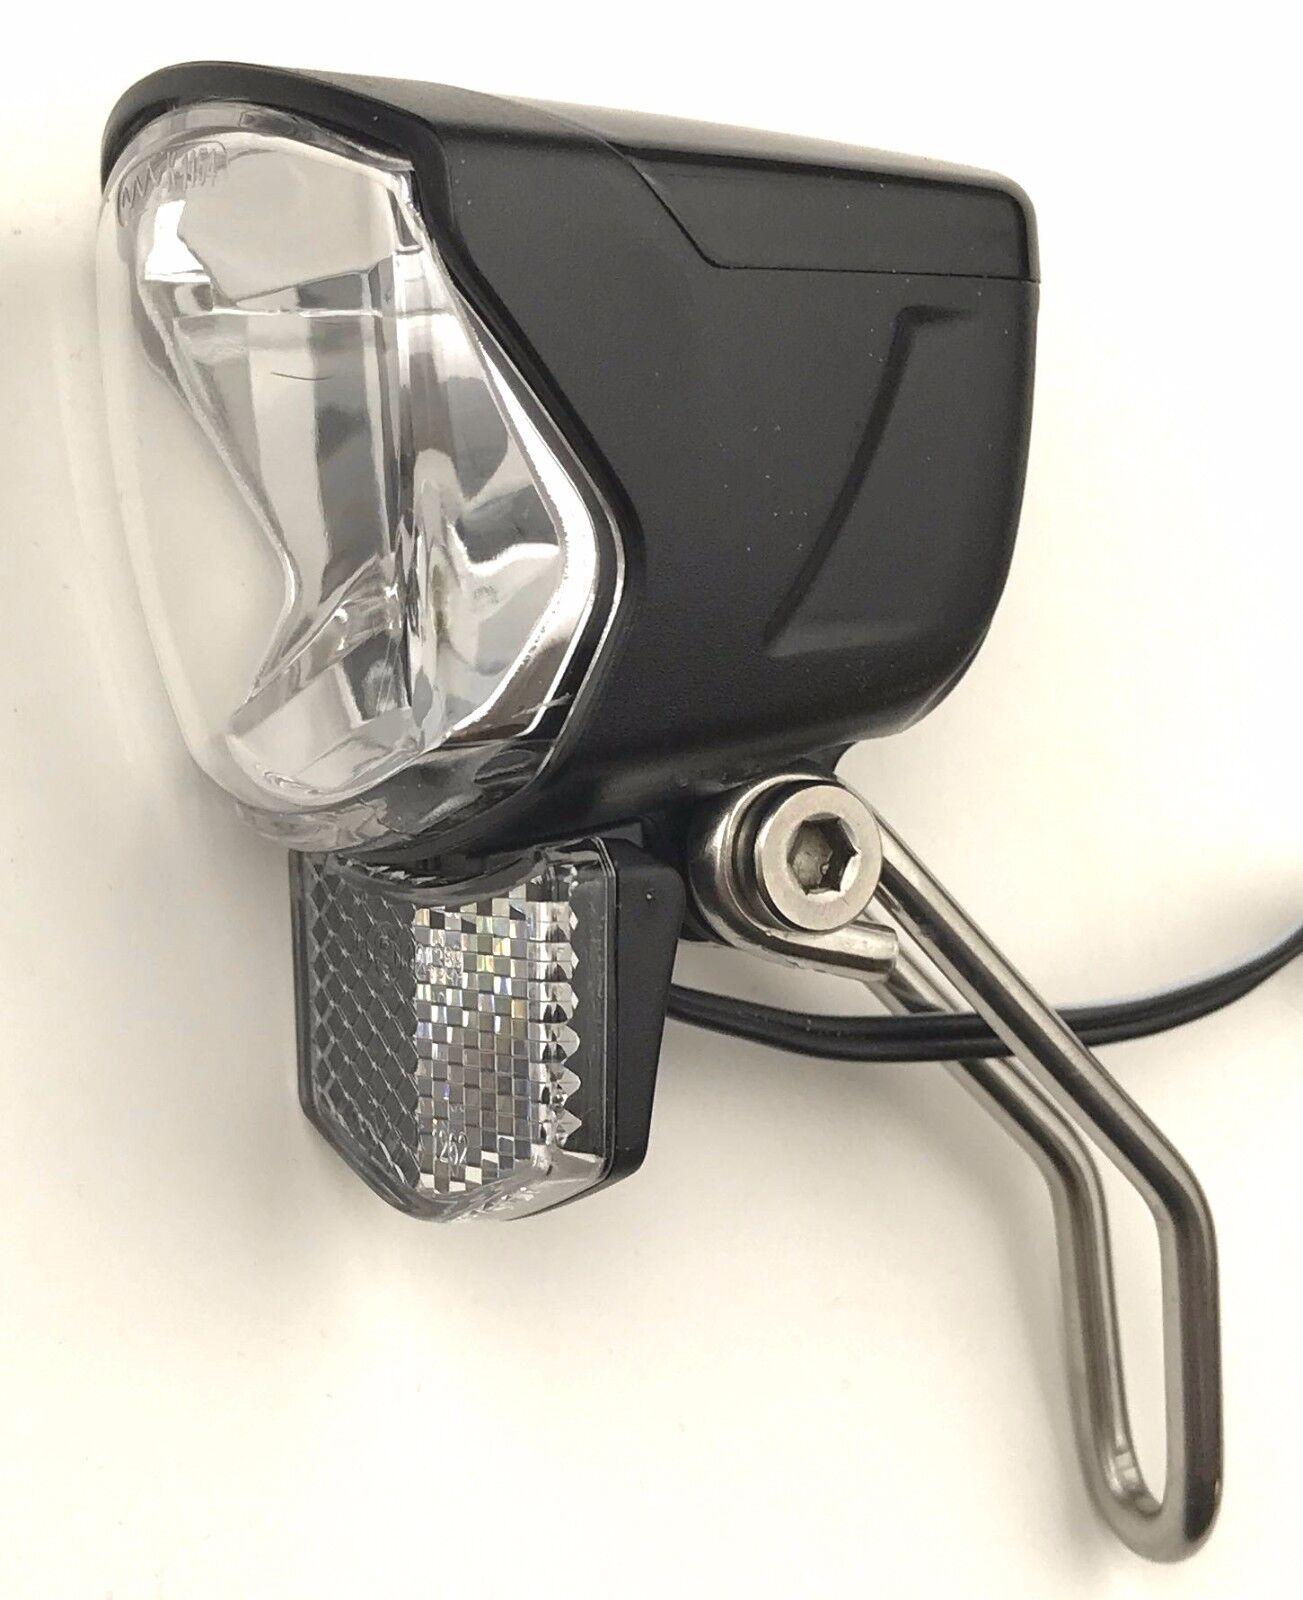 CONTEC LED-Scheinwerfer  HL-3001 XO E+  für E-Bike 6-48 V-DC mit 70 Lux